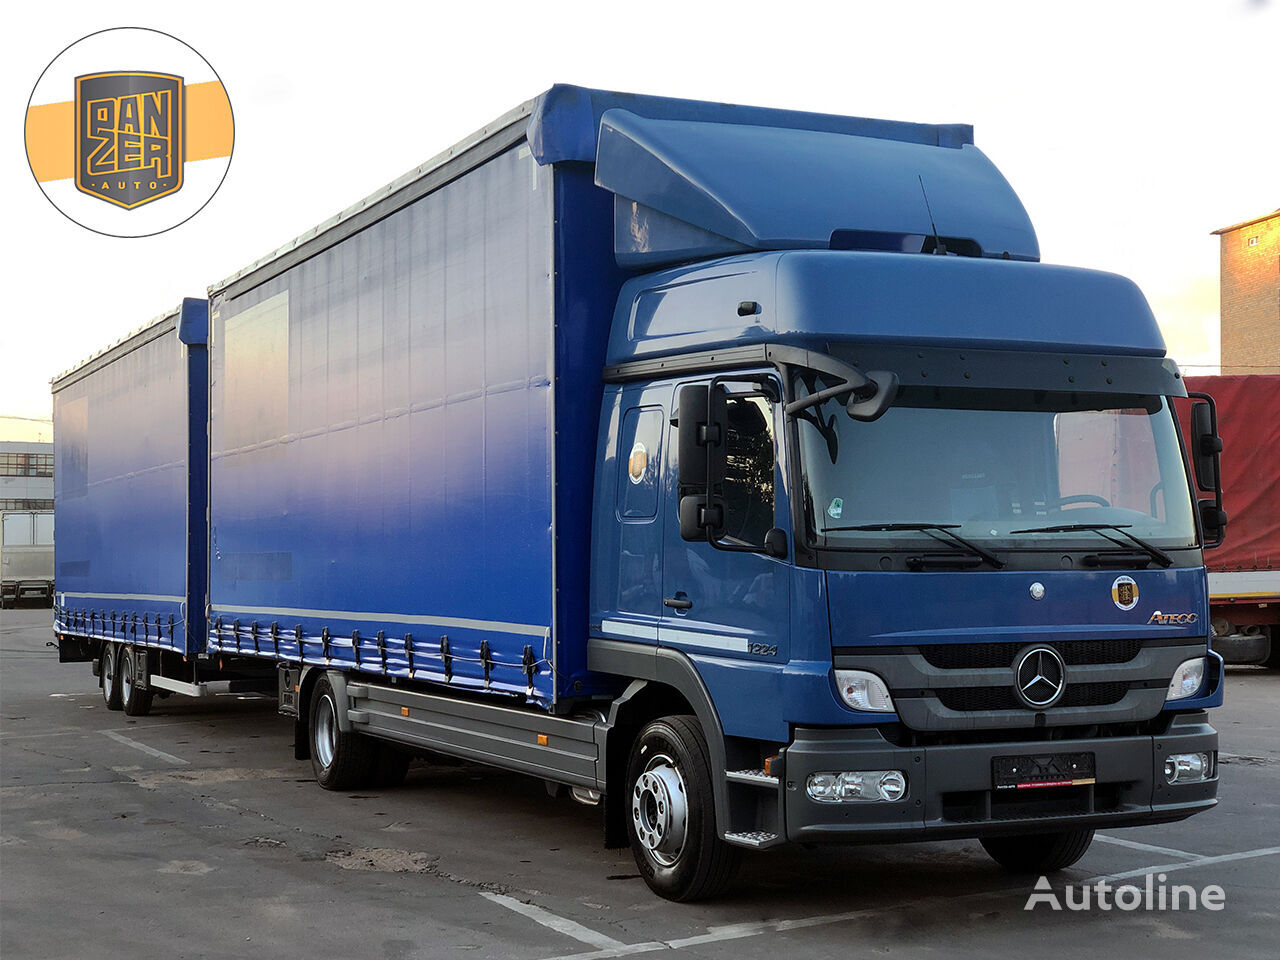 MERCEDES-BENZ ATEGO 1224, avtopoezd 120m3 kamion sa klizna zavesa cerada + prikolica sa kliznom ceradom